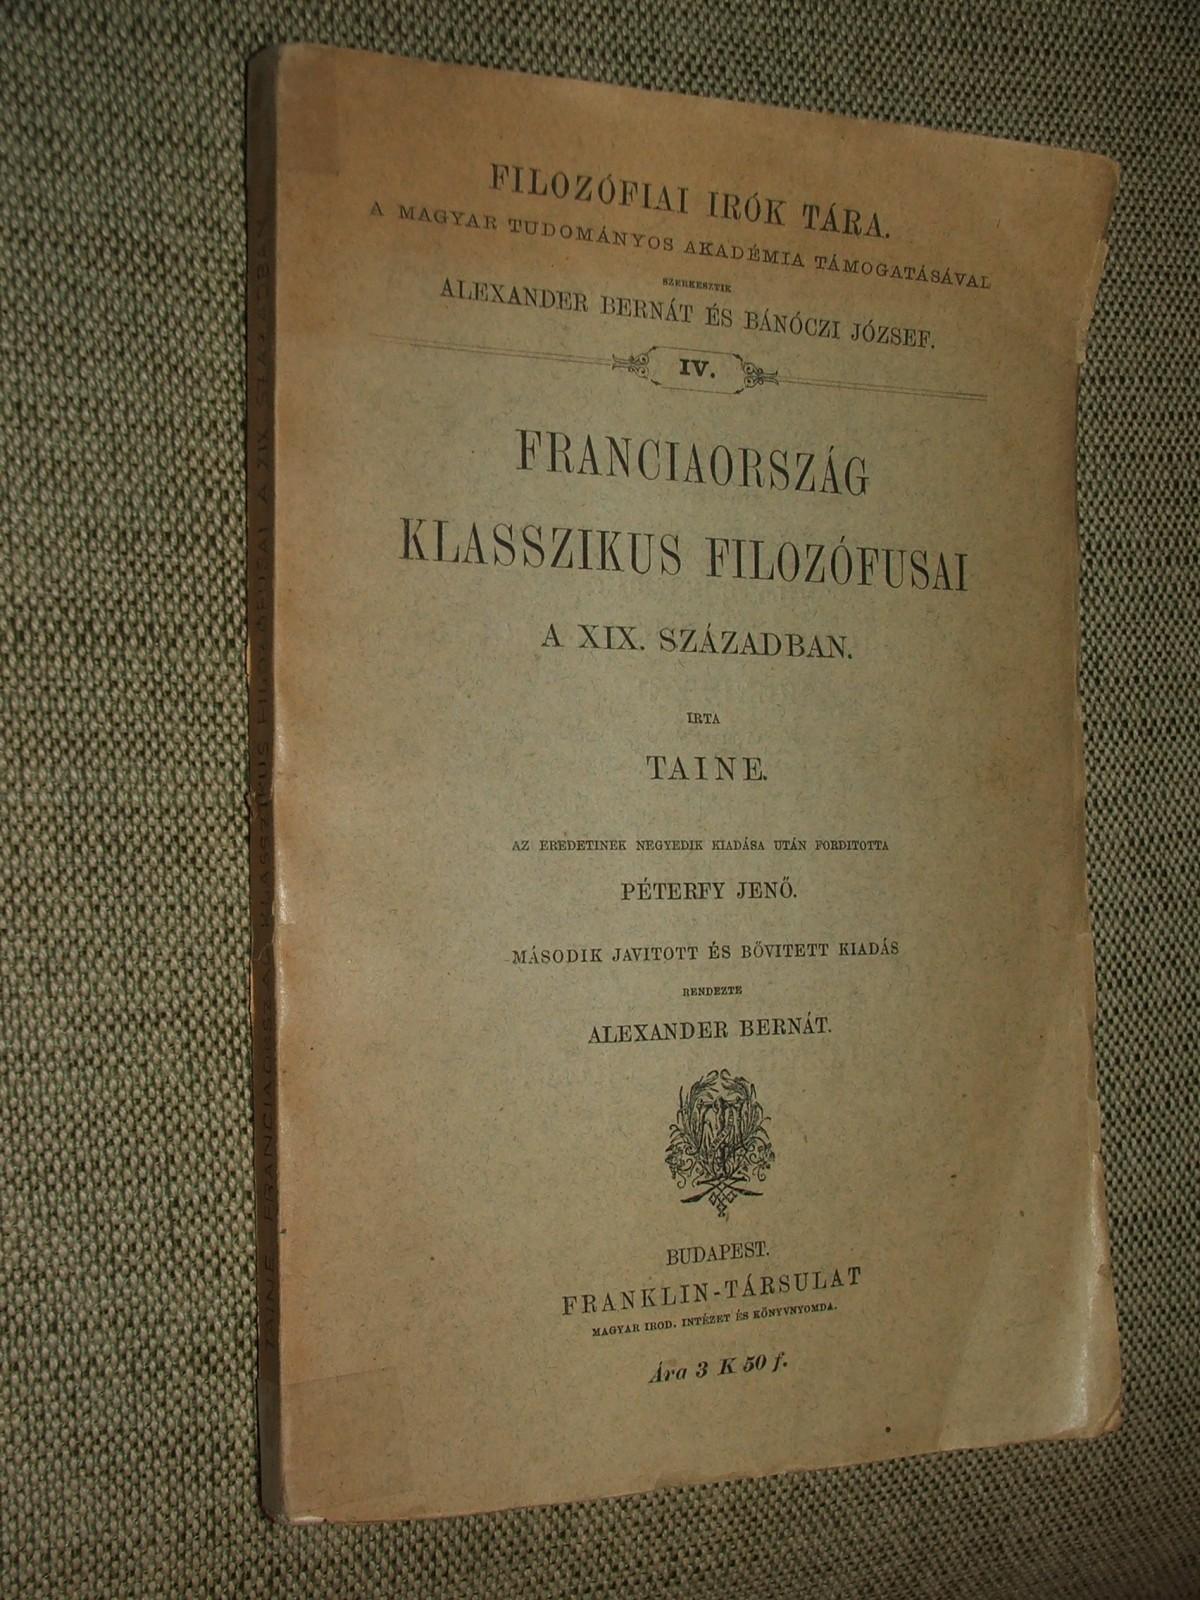 TAINE, (Adolphe Hippolyte): Franciaország klasszikus filozófusai a XIX. században.